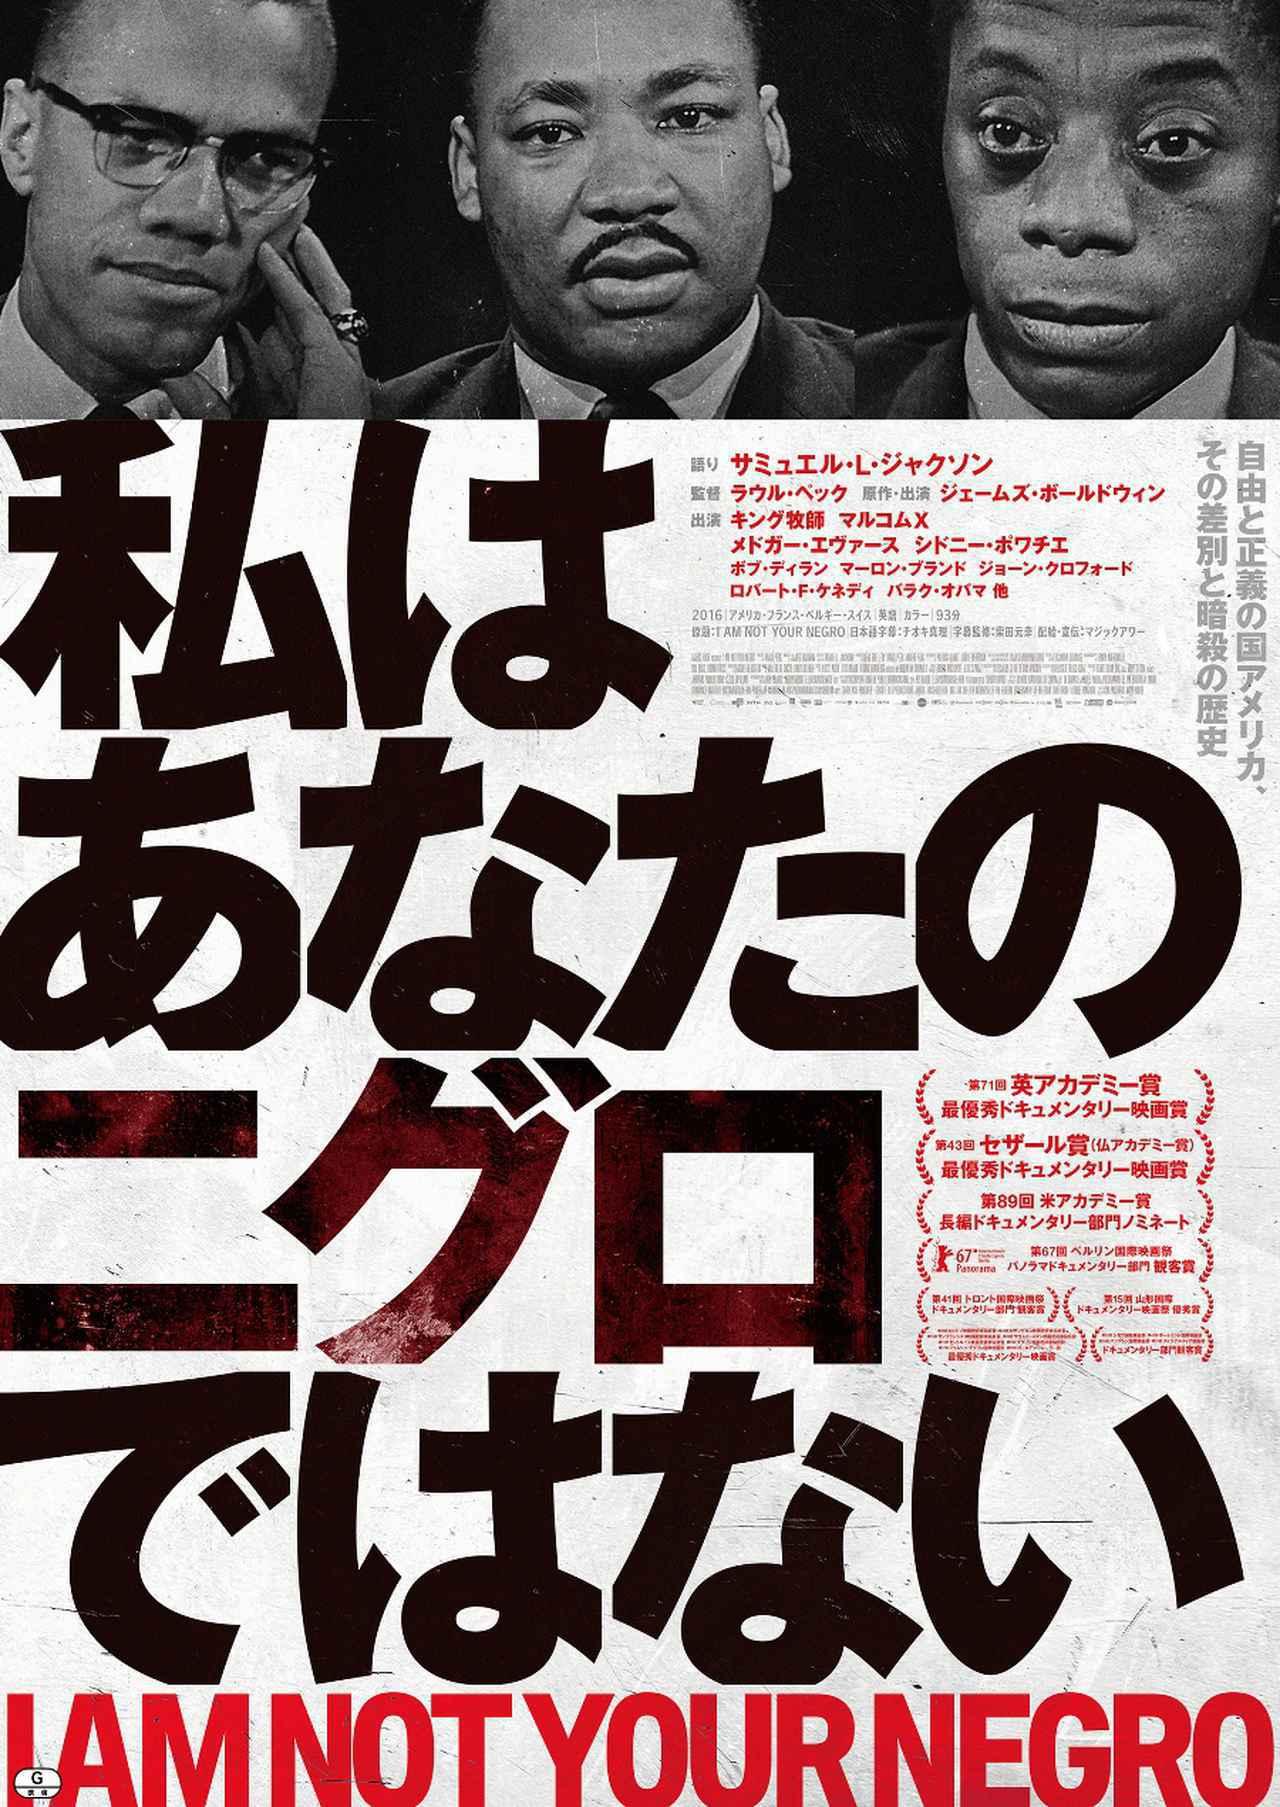 画像1: アメリカの差別と暗殺の歴史!#BlackLivesMatter 『私はあなたのニグロではない』の緊急再上映が決定!